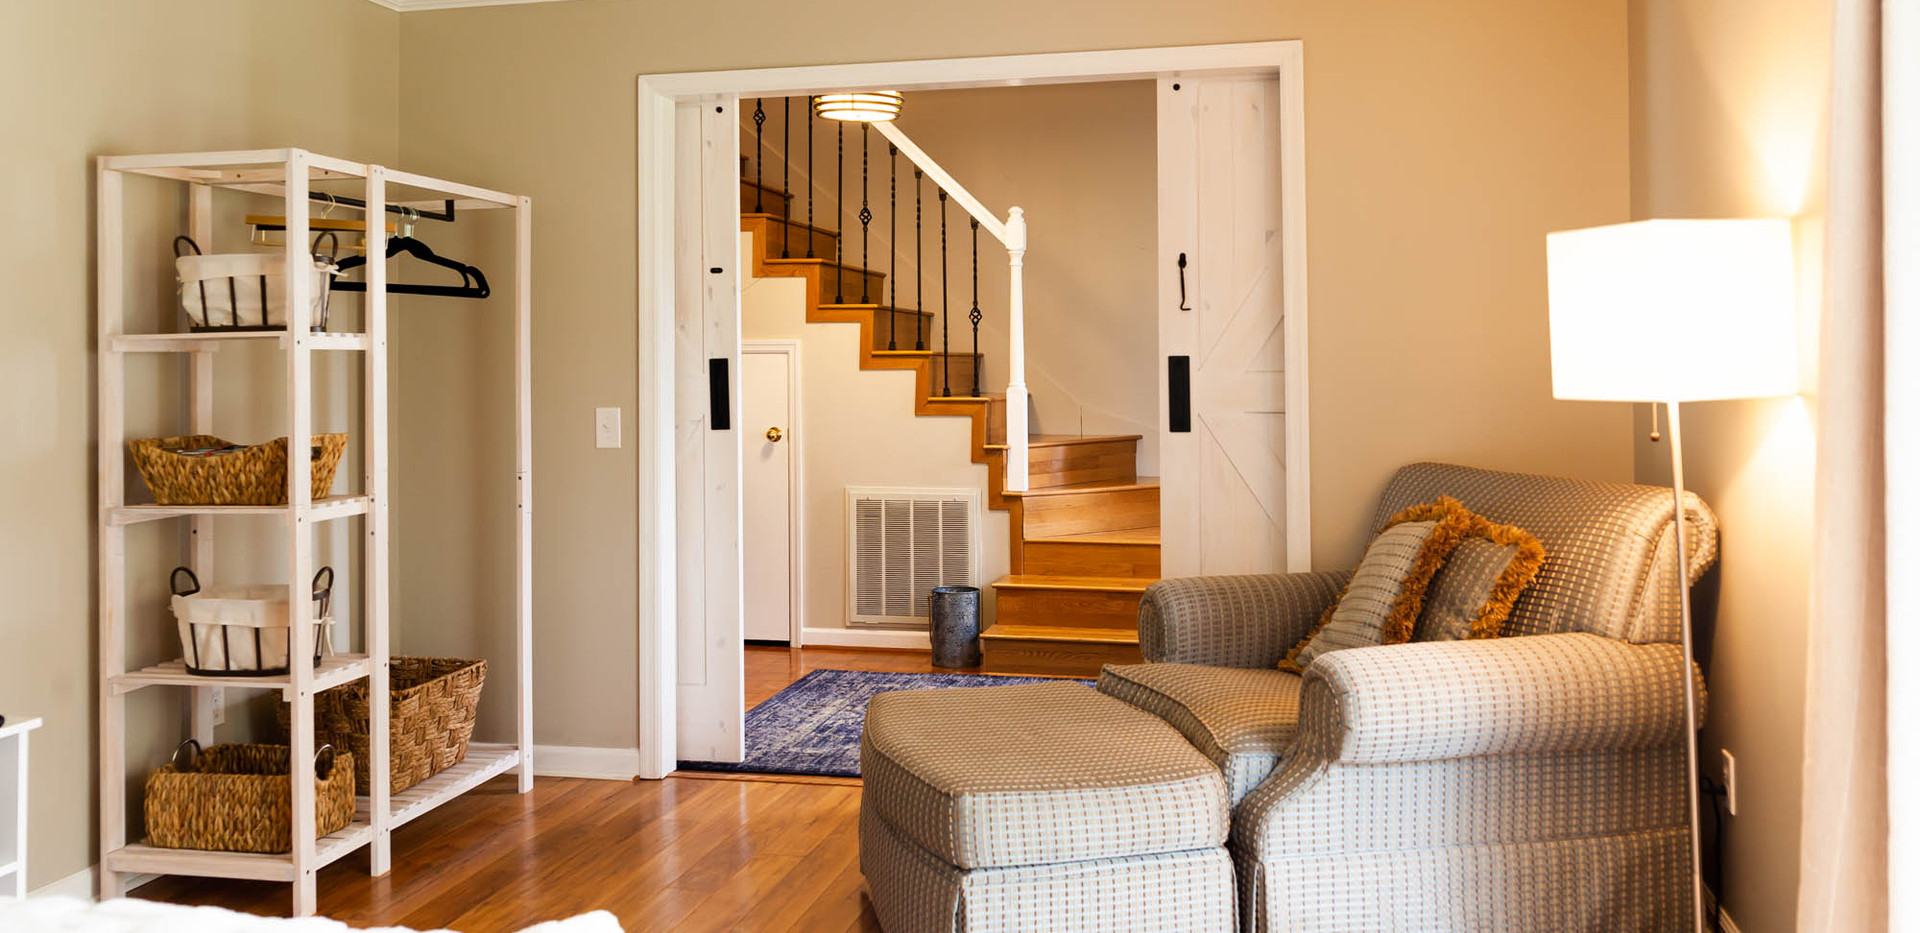 Downstairs Bedroom 4